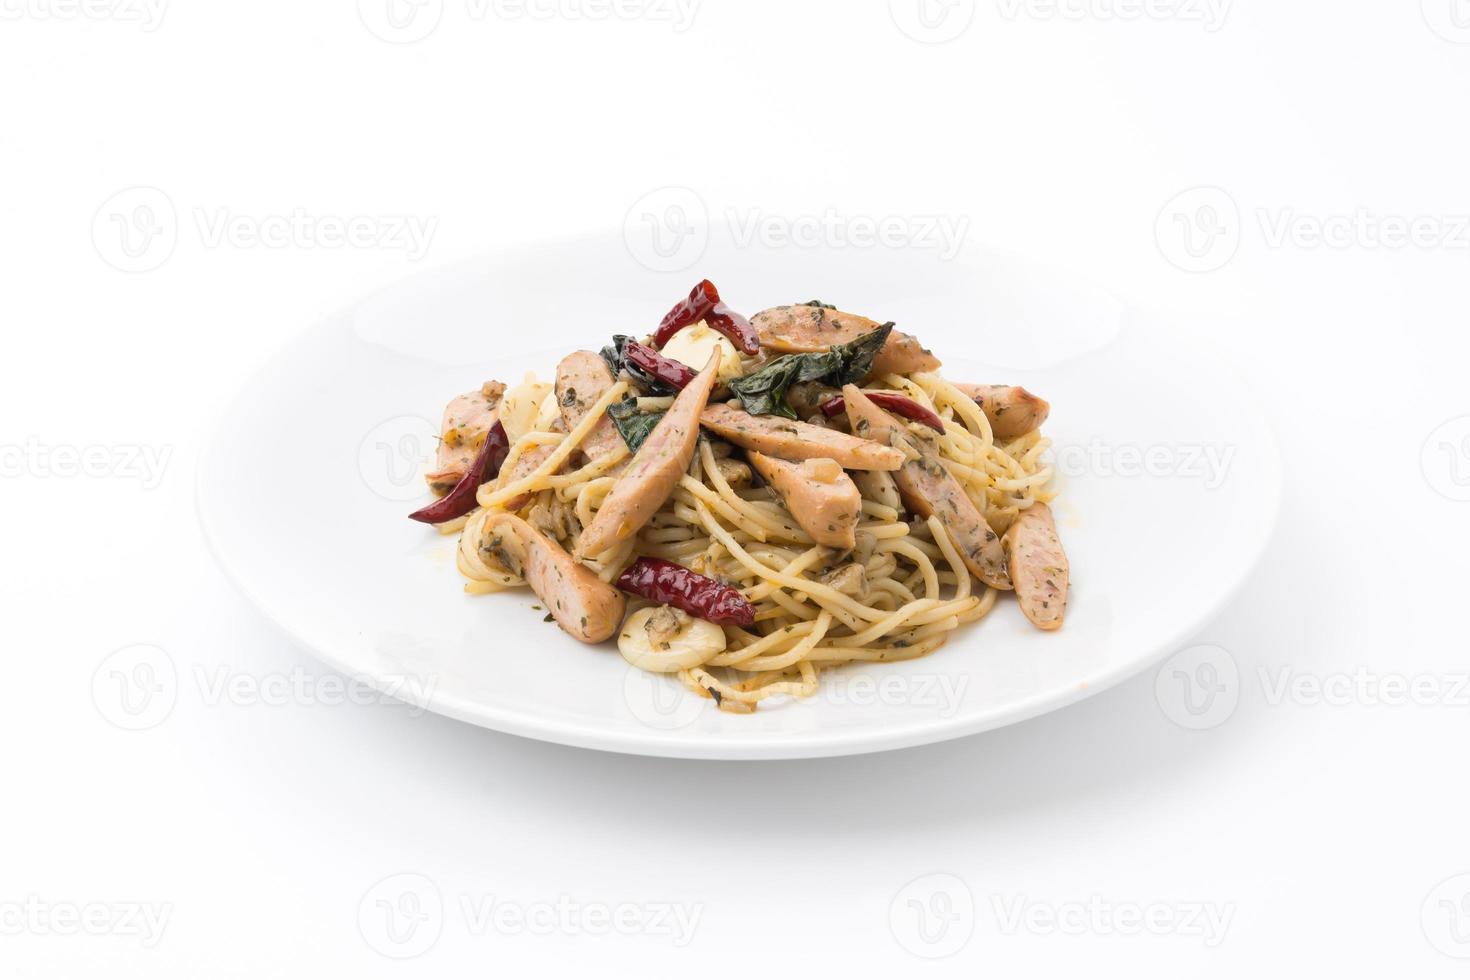 salsiccia di spaghetti isolata su fondo bianco foto